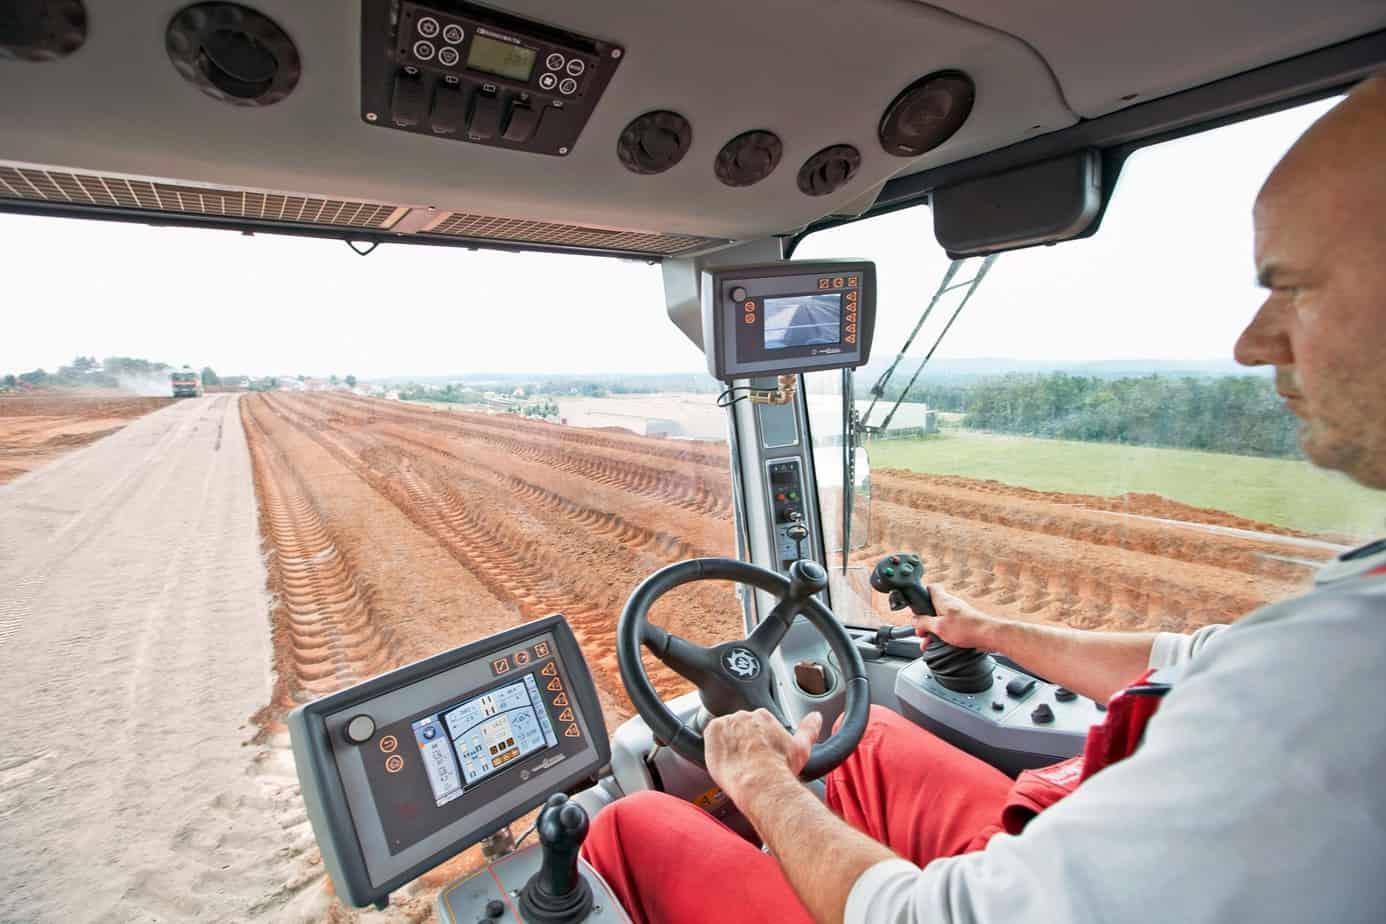 Importante ruolo gioca anche l'elettronica avanzata, che permette il controllo della trazione, del tamburo, dei dosaggi di materiali e di tutte le funzioni vitali della macchina